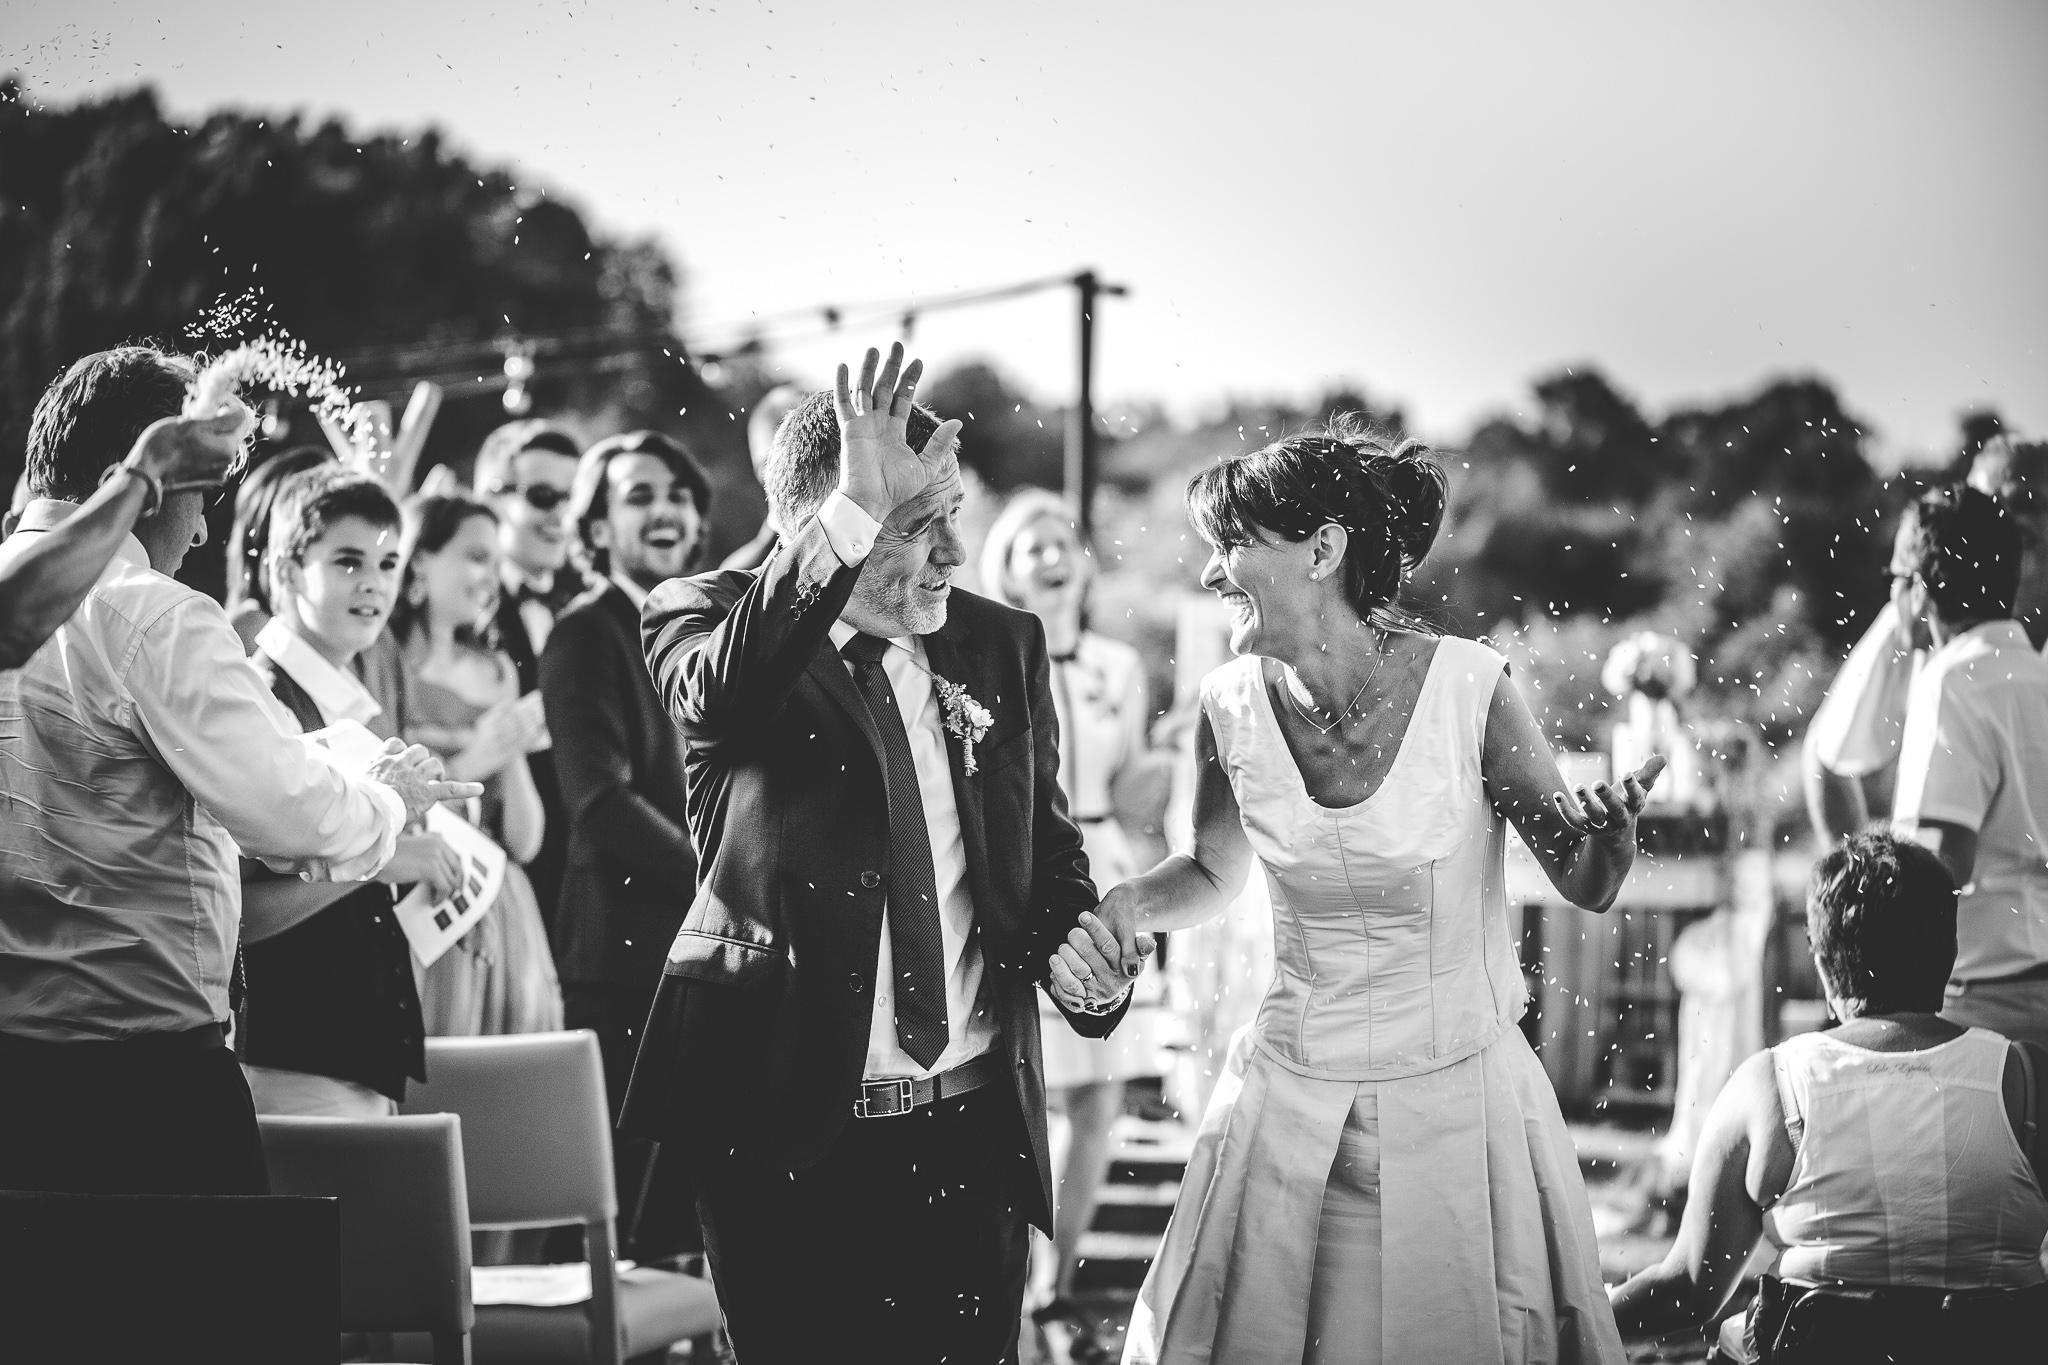 reportage mariage photo ceremonie laique exterieur sortie joie maries restaurant clapotis toulouse